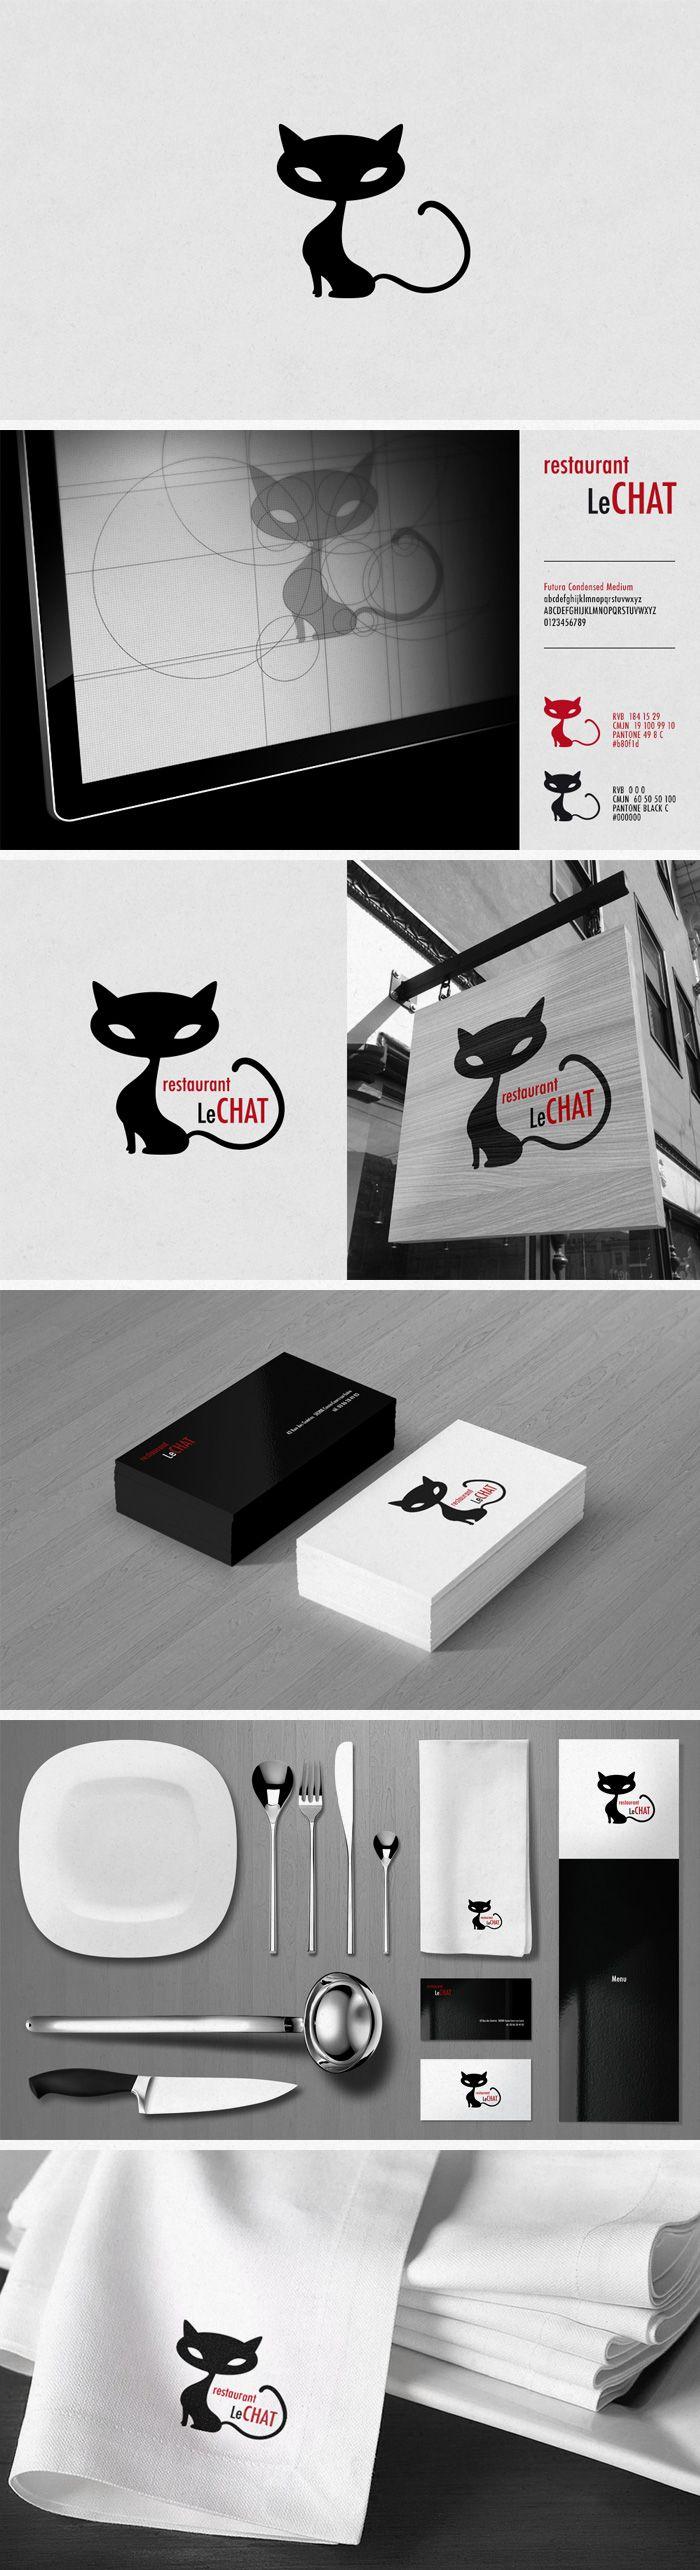 1000 id es sur le th me logo de chat sur pinterest logo inspiration logos et logos. Black Bedroom Furniture Sets. Home Design Ideas